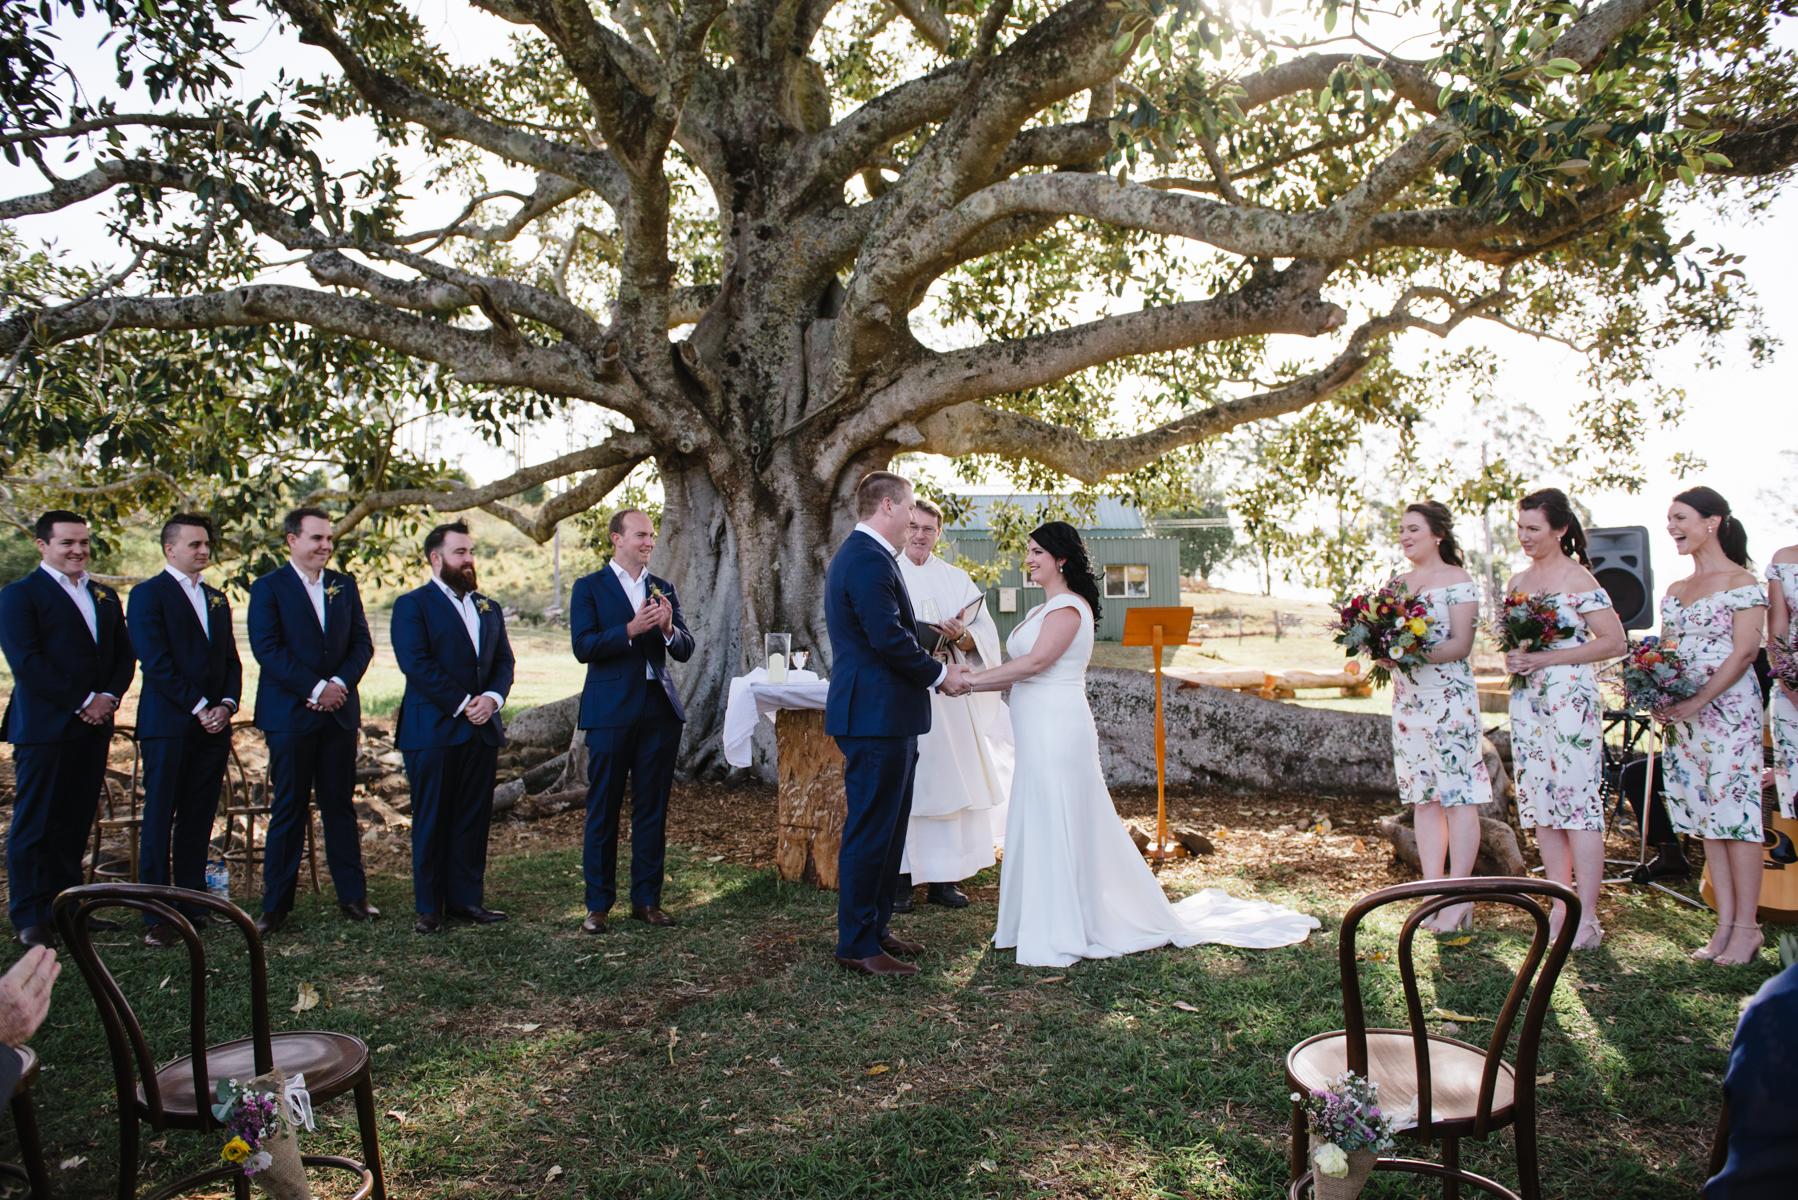 sarahandBenwedding- skyla sage photography weddings, families, byron bay,tweed coast,kingscliff,cabarita,gold coast-427.jpg